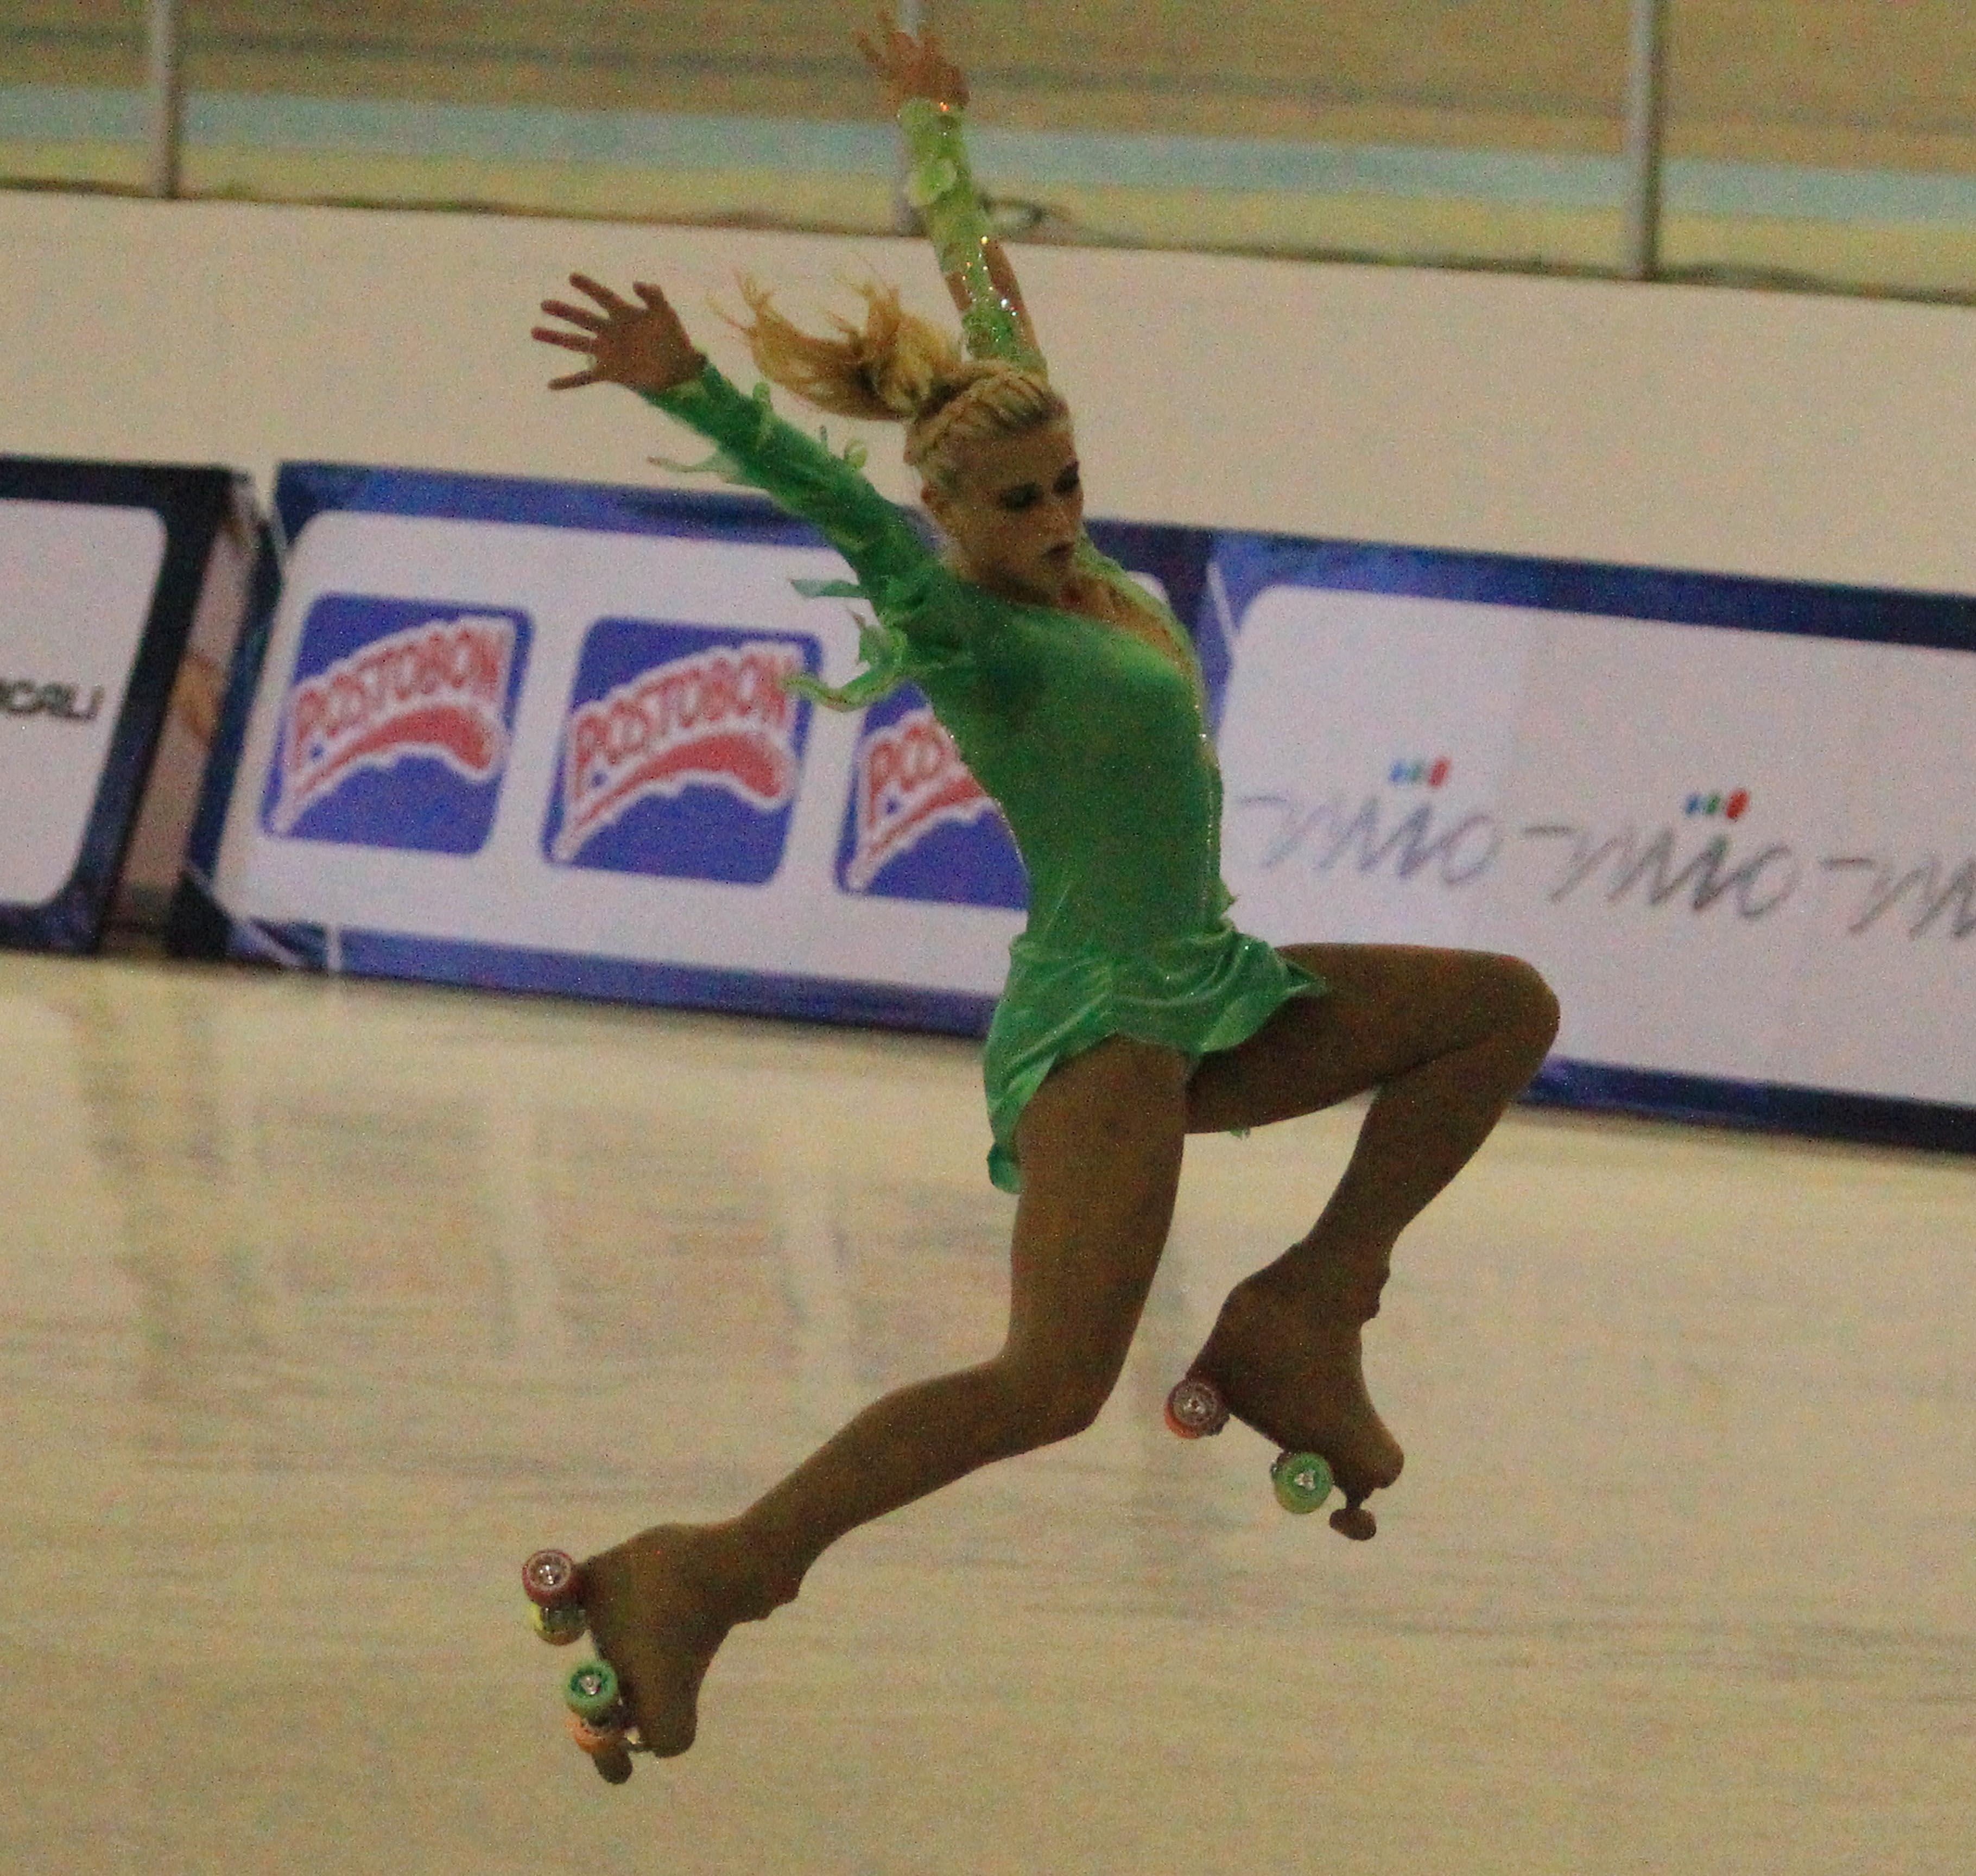 El patinaje artístico dijo adiós a los JJ. MM con broche de oro